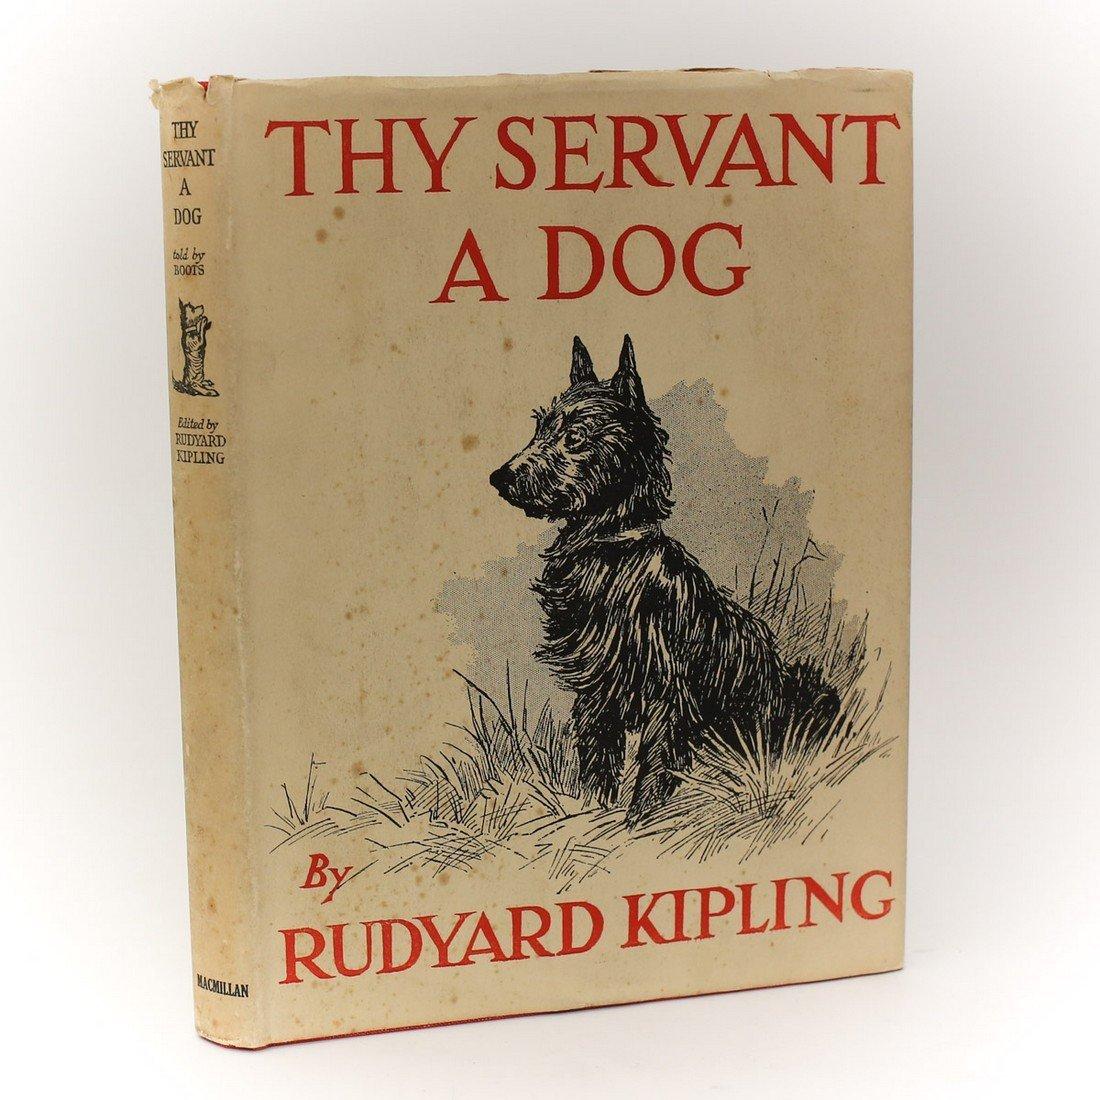 Kipling, Rudyard ' Thy Servant a Dog' 1st Edition 1930